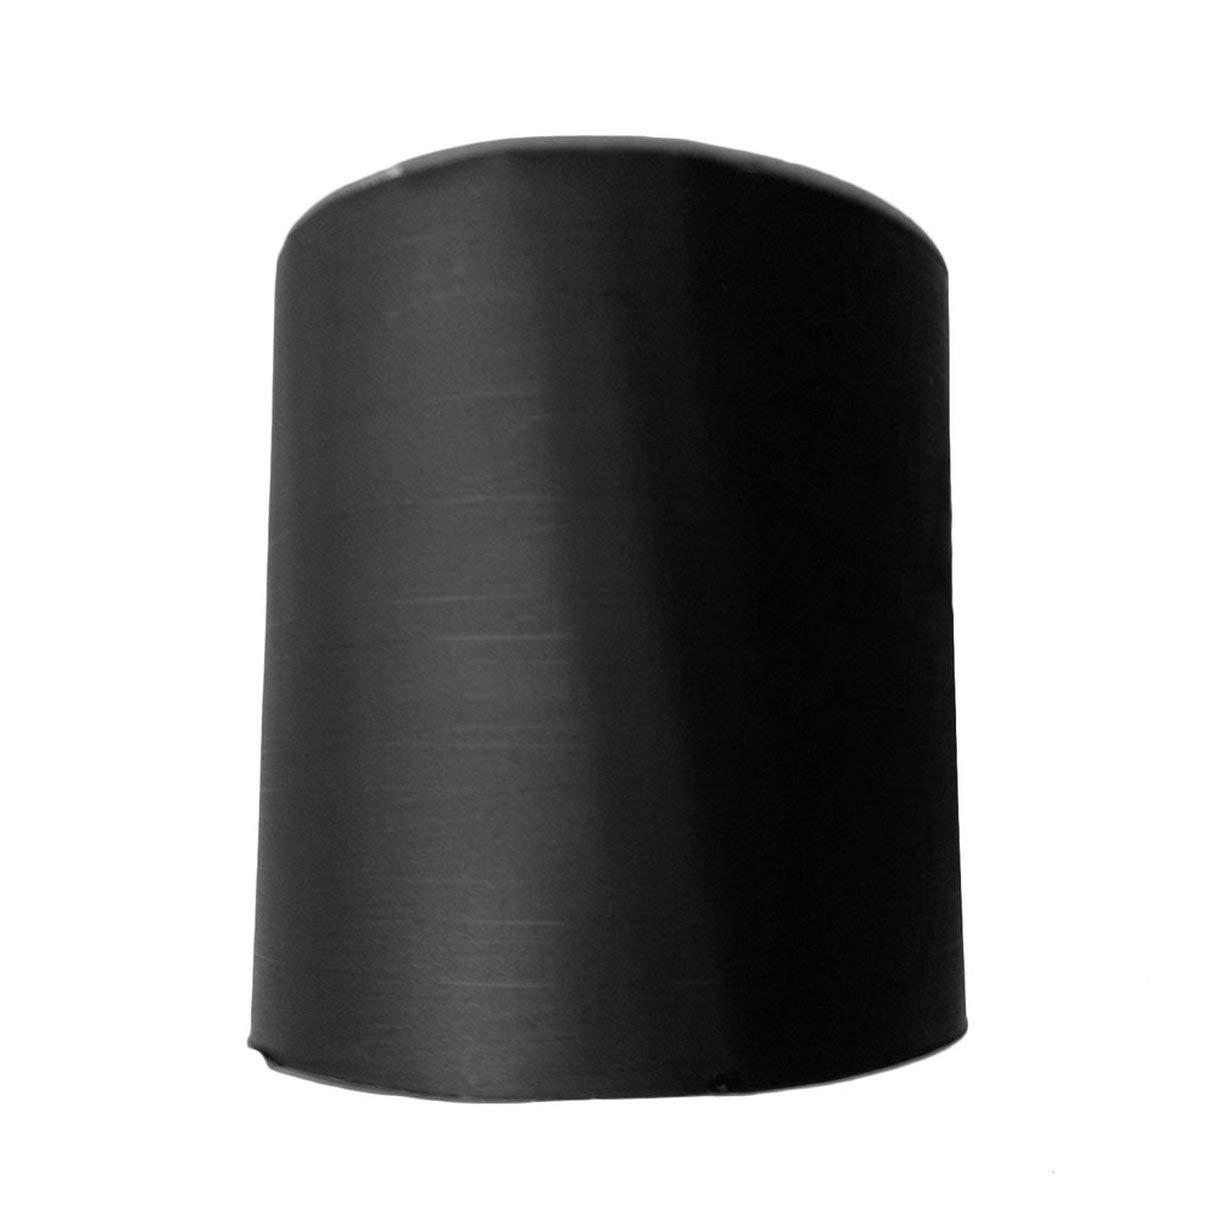 Super fort bande imperméable à l'eau pratique maison robinets d'eau tuyau de tuyau de jardin réparation rapide étanchéité ruban magique outil UniqueHeart